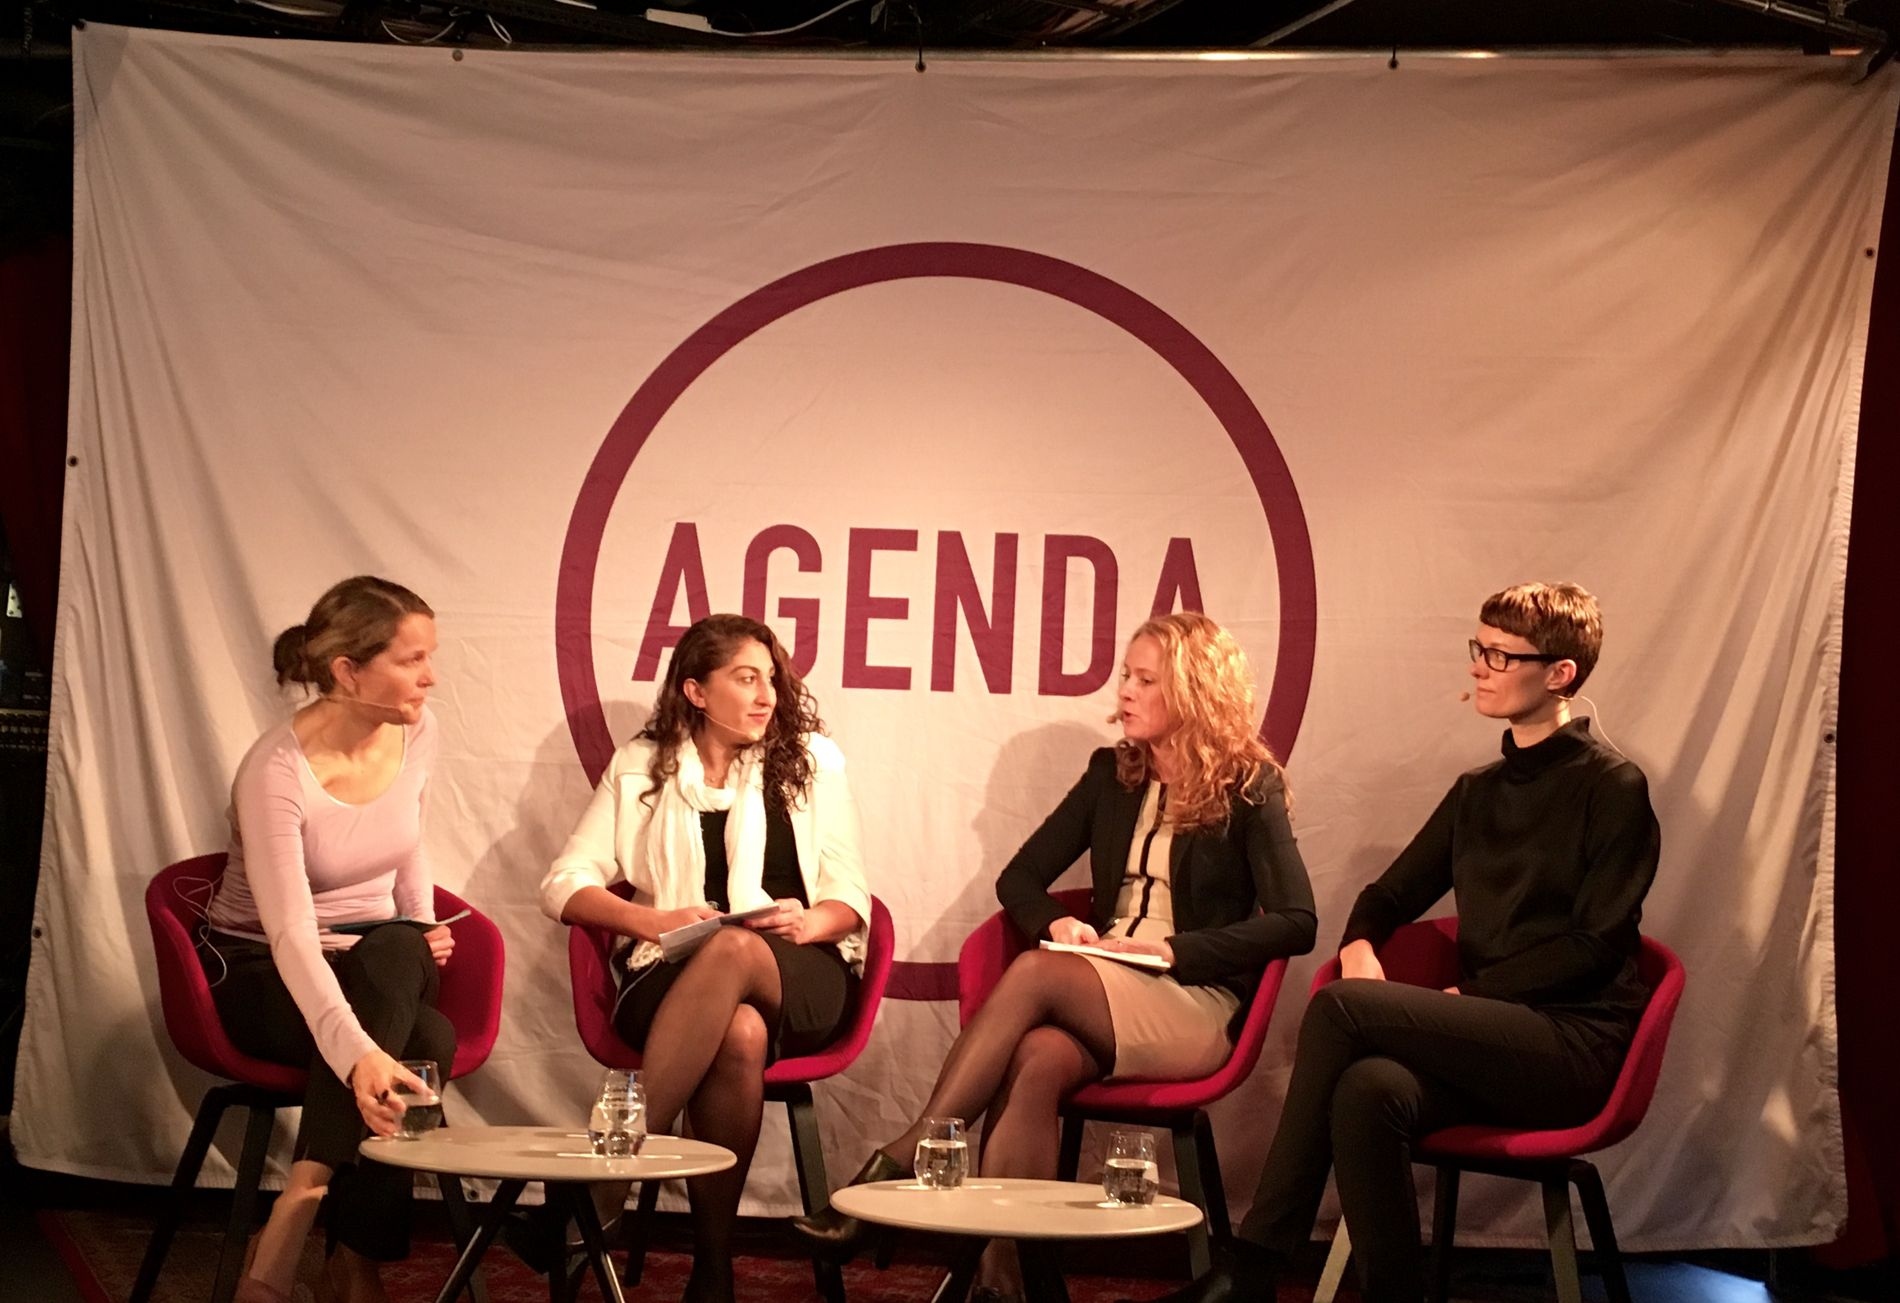 Tankesmien Agenda arrangerte en integreringsdebatt onsdag på Kulturhuset i Oslo. F.v.: Marte Ramborg i Agenda, Nazire Kocakulak, statsråd Anniken Hauglie (H) og Anette Trettebergstuen, arbeidspolitisk talsperson i Ap.